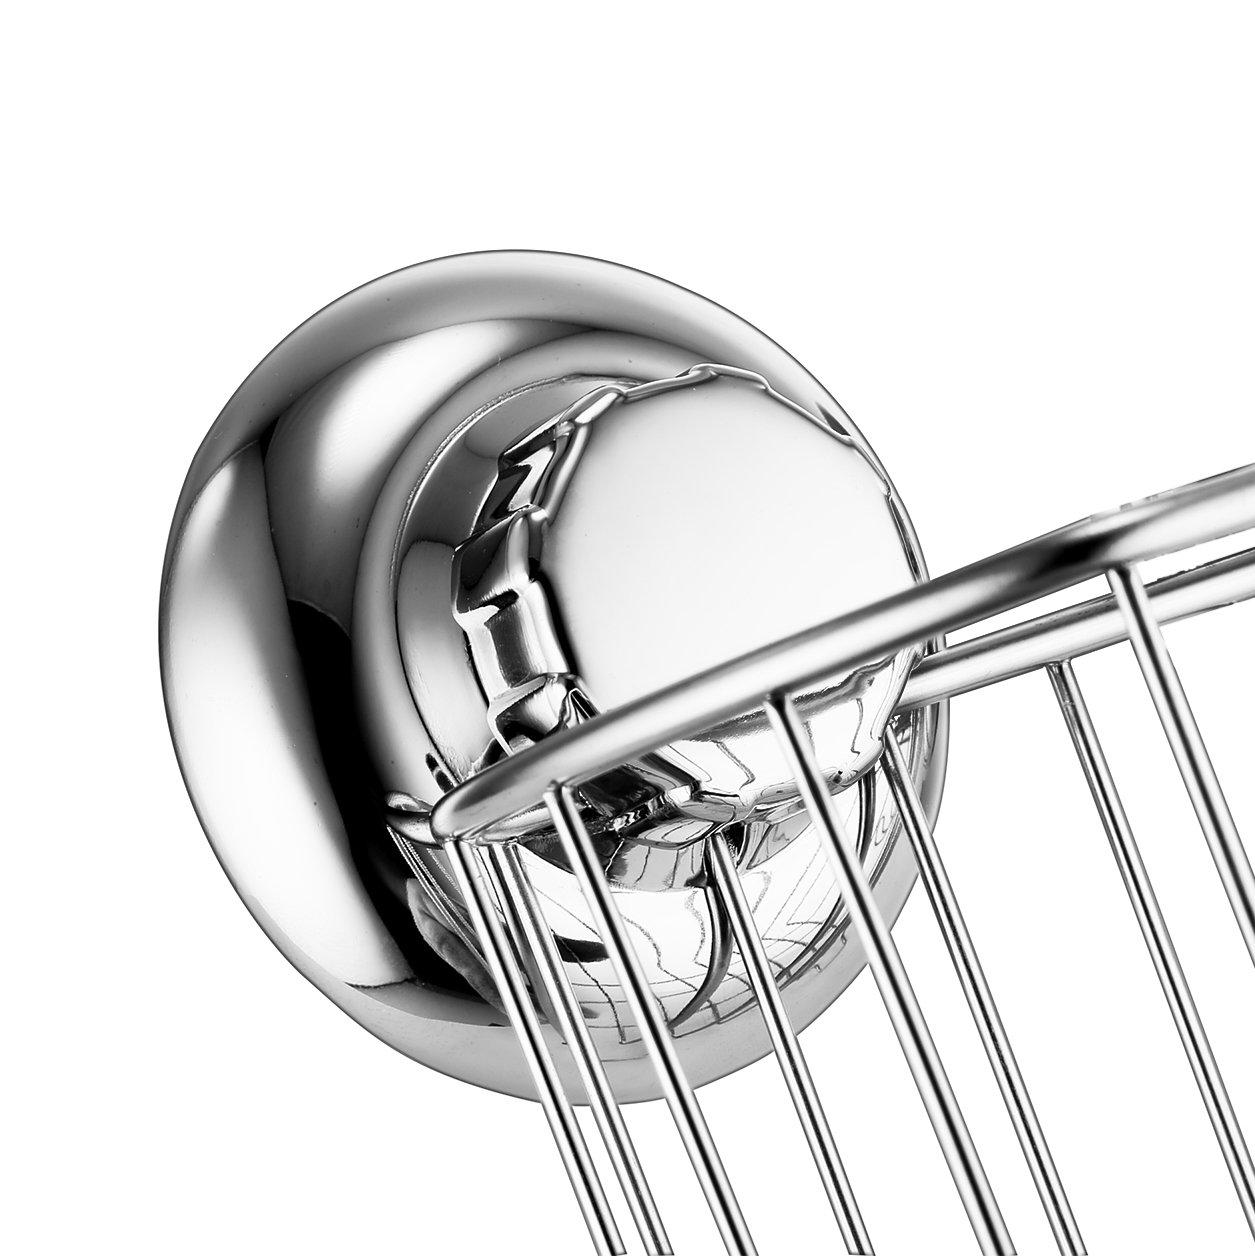 Maxhold Saugschraube Duschkorb Tief Einstockig Befestigen Ohne